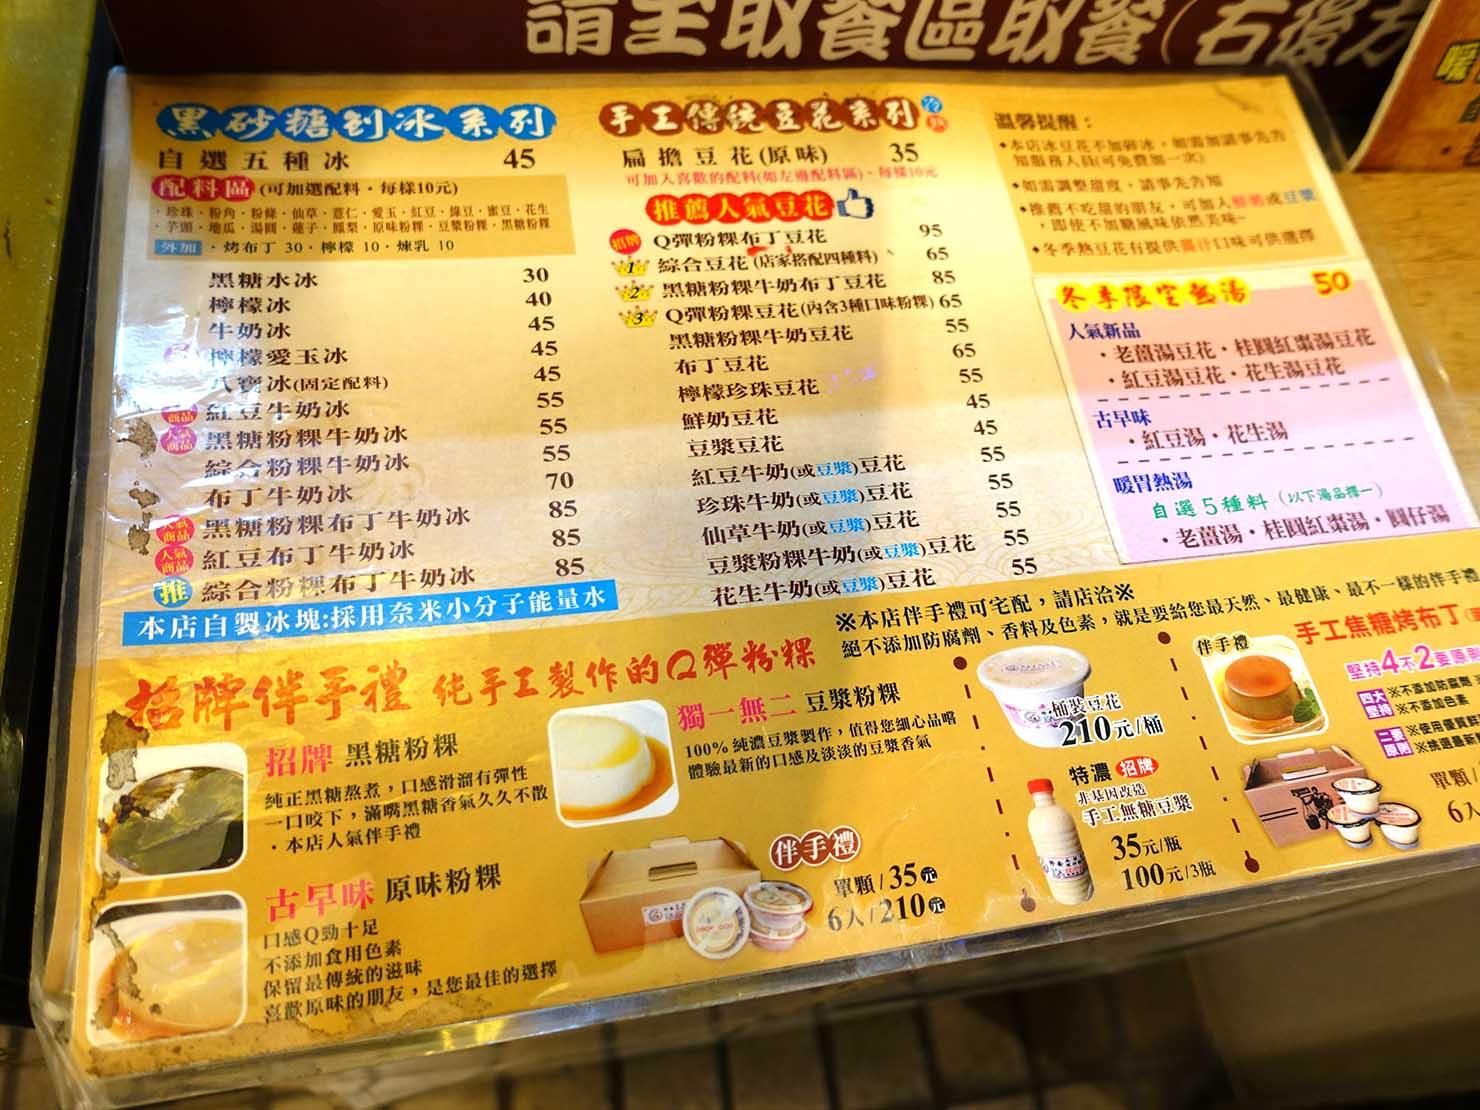 台南・永樂市場(國華街)のおすすめ台湾グルメ店「修安扁擔豆花」のメニュー